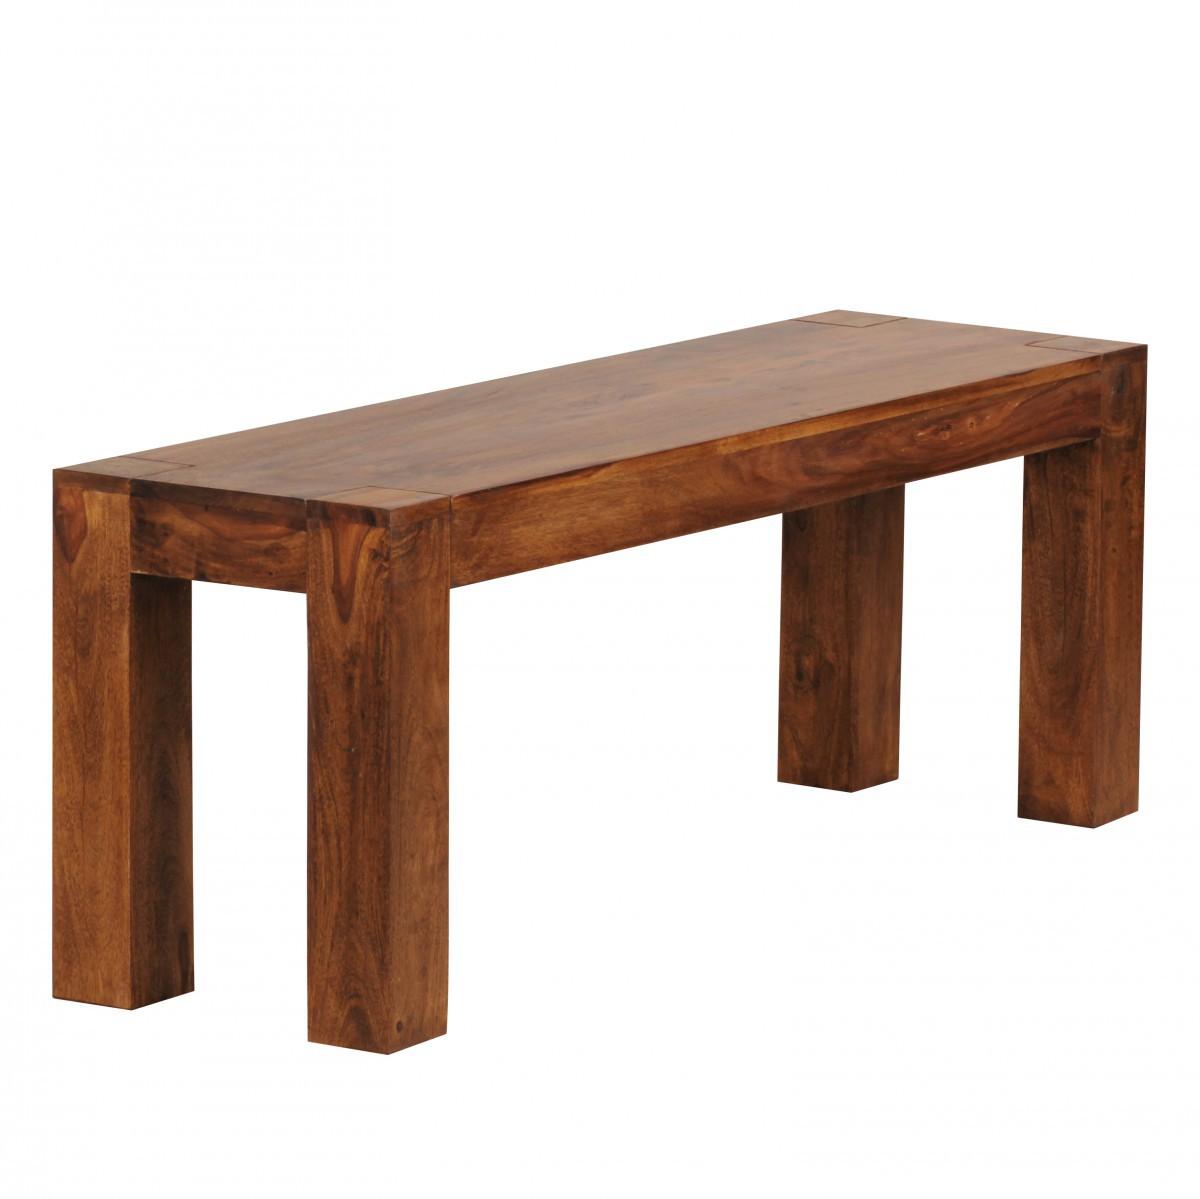 Sitzbank Aus Holz Offentlichen Raum